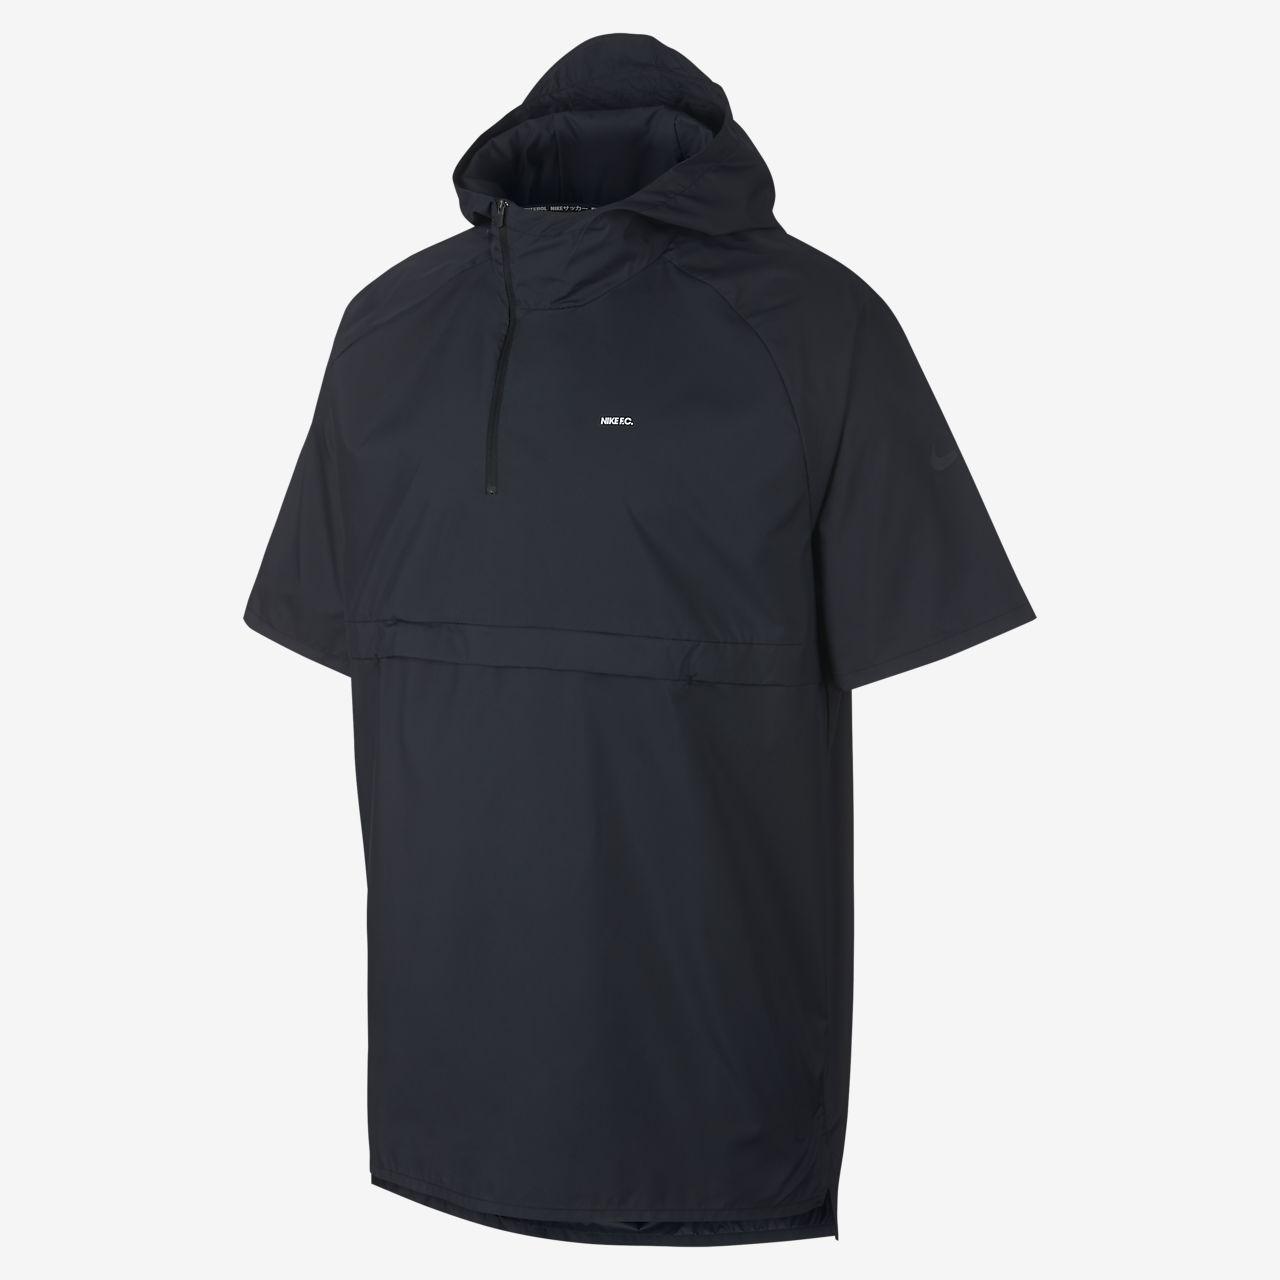 b6b354f863 Chamarra de fútbol con capucha de manga corta para hombre Nike F.C. ...